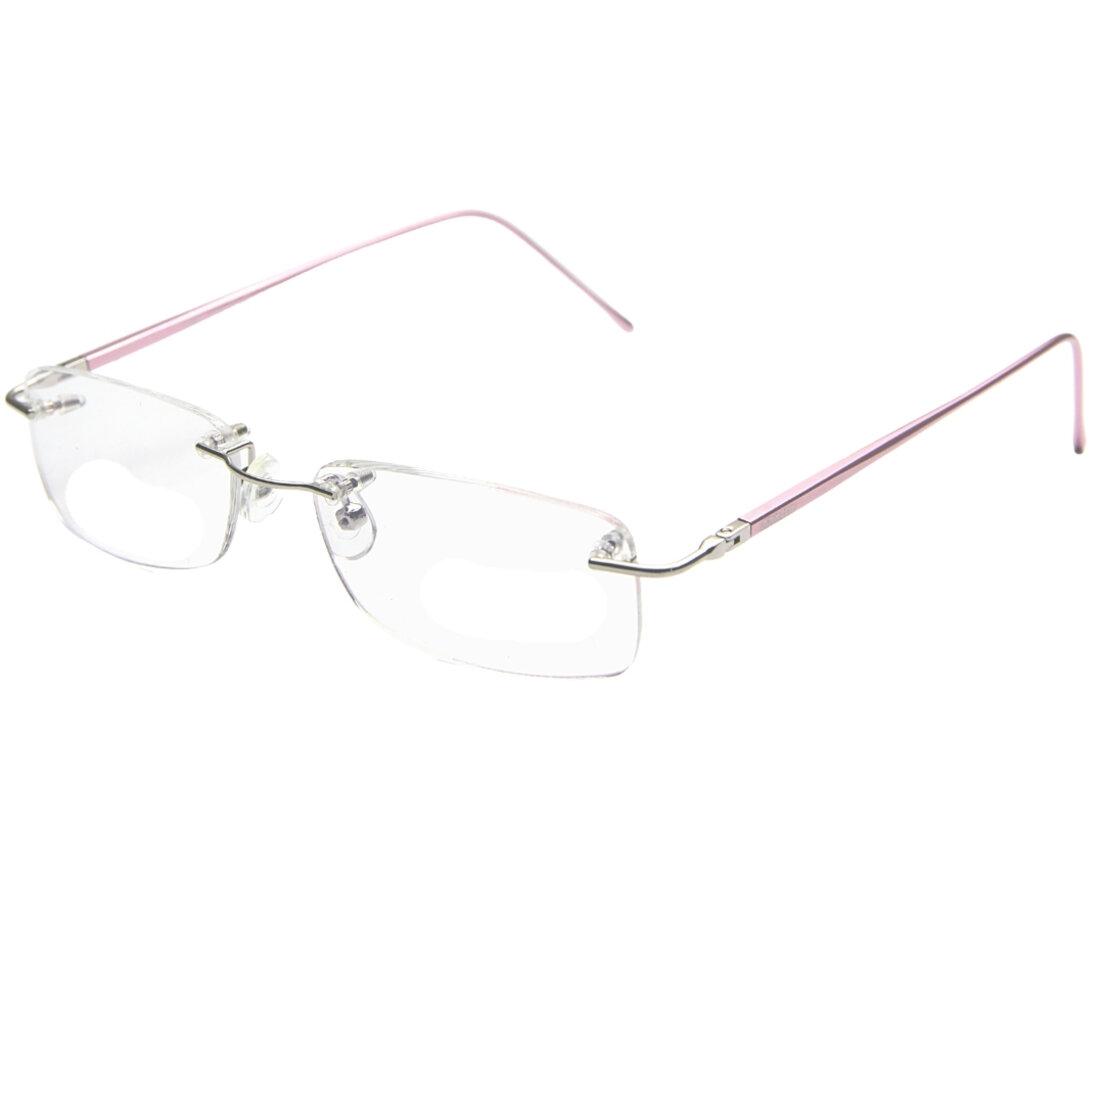 Armação de Óculos Khatto Fusion Just - C112